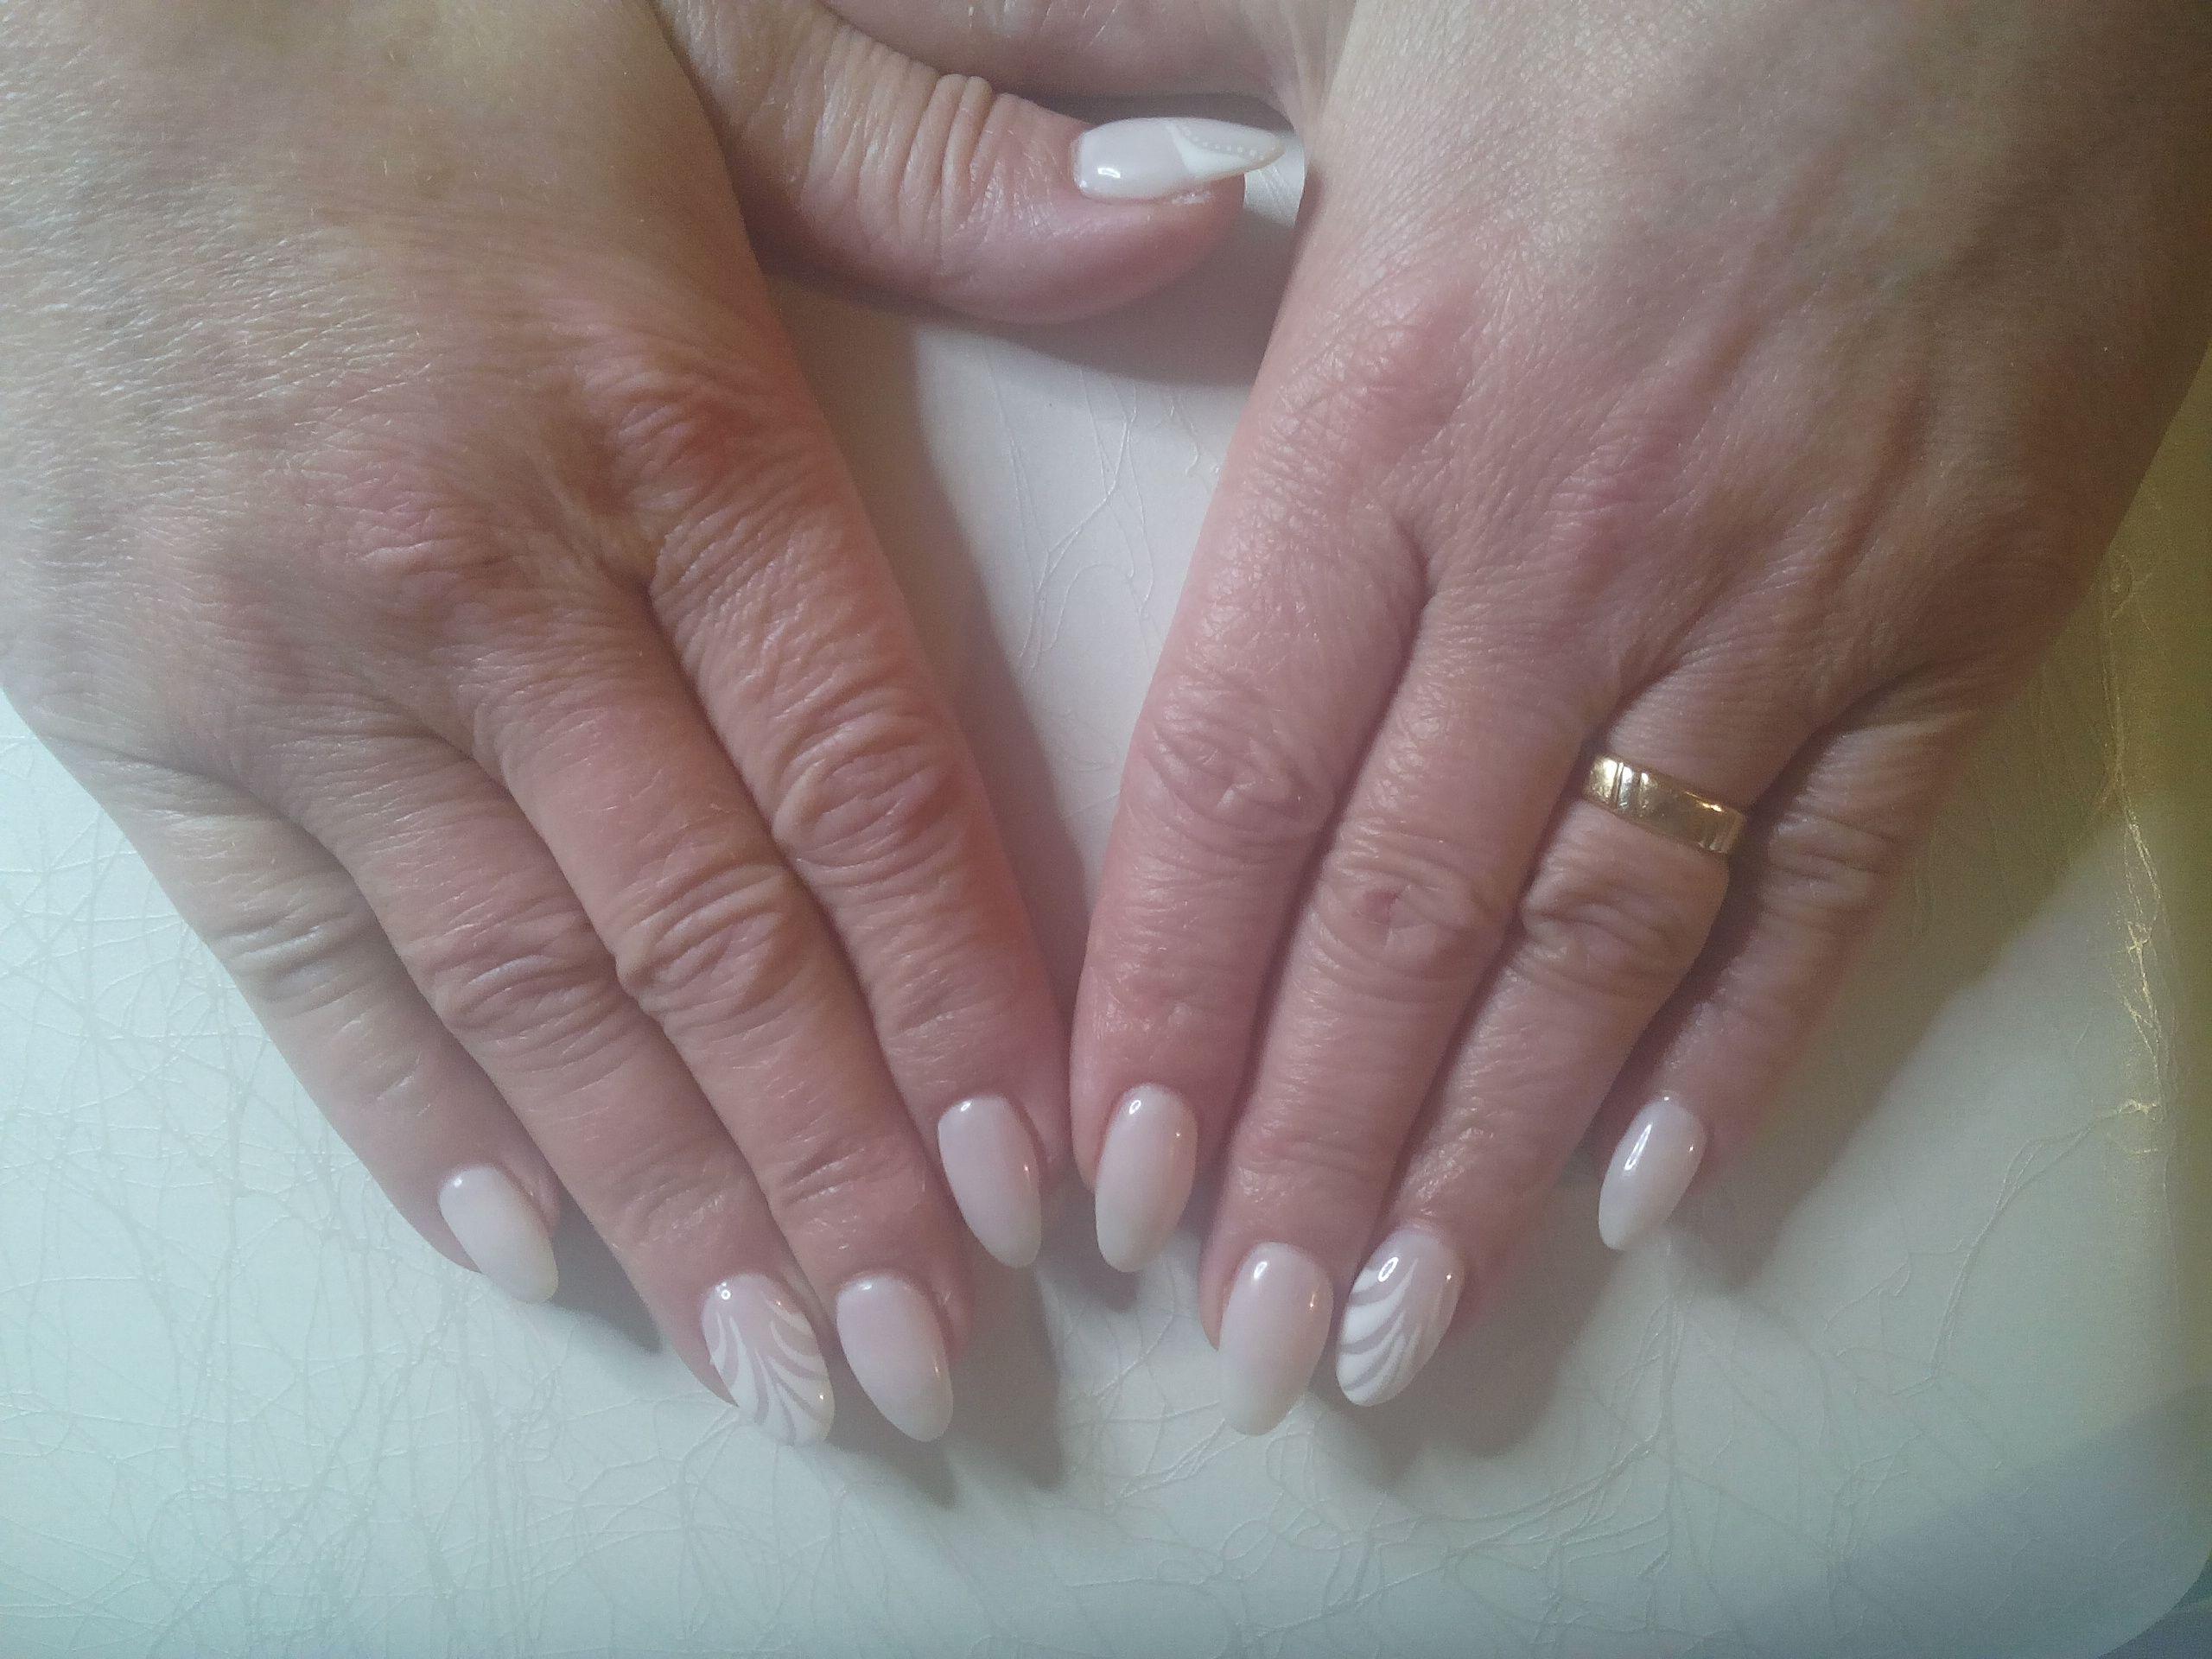 Ricostruzione In Gel Monocolore Latte Con Decorazione Stilizzata Con Gel Bianco Decorazioni Stilizzate Unghie Gel Unghie